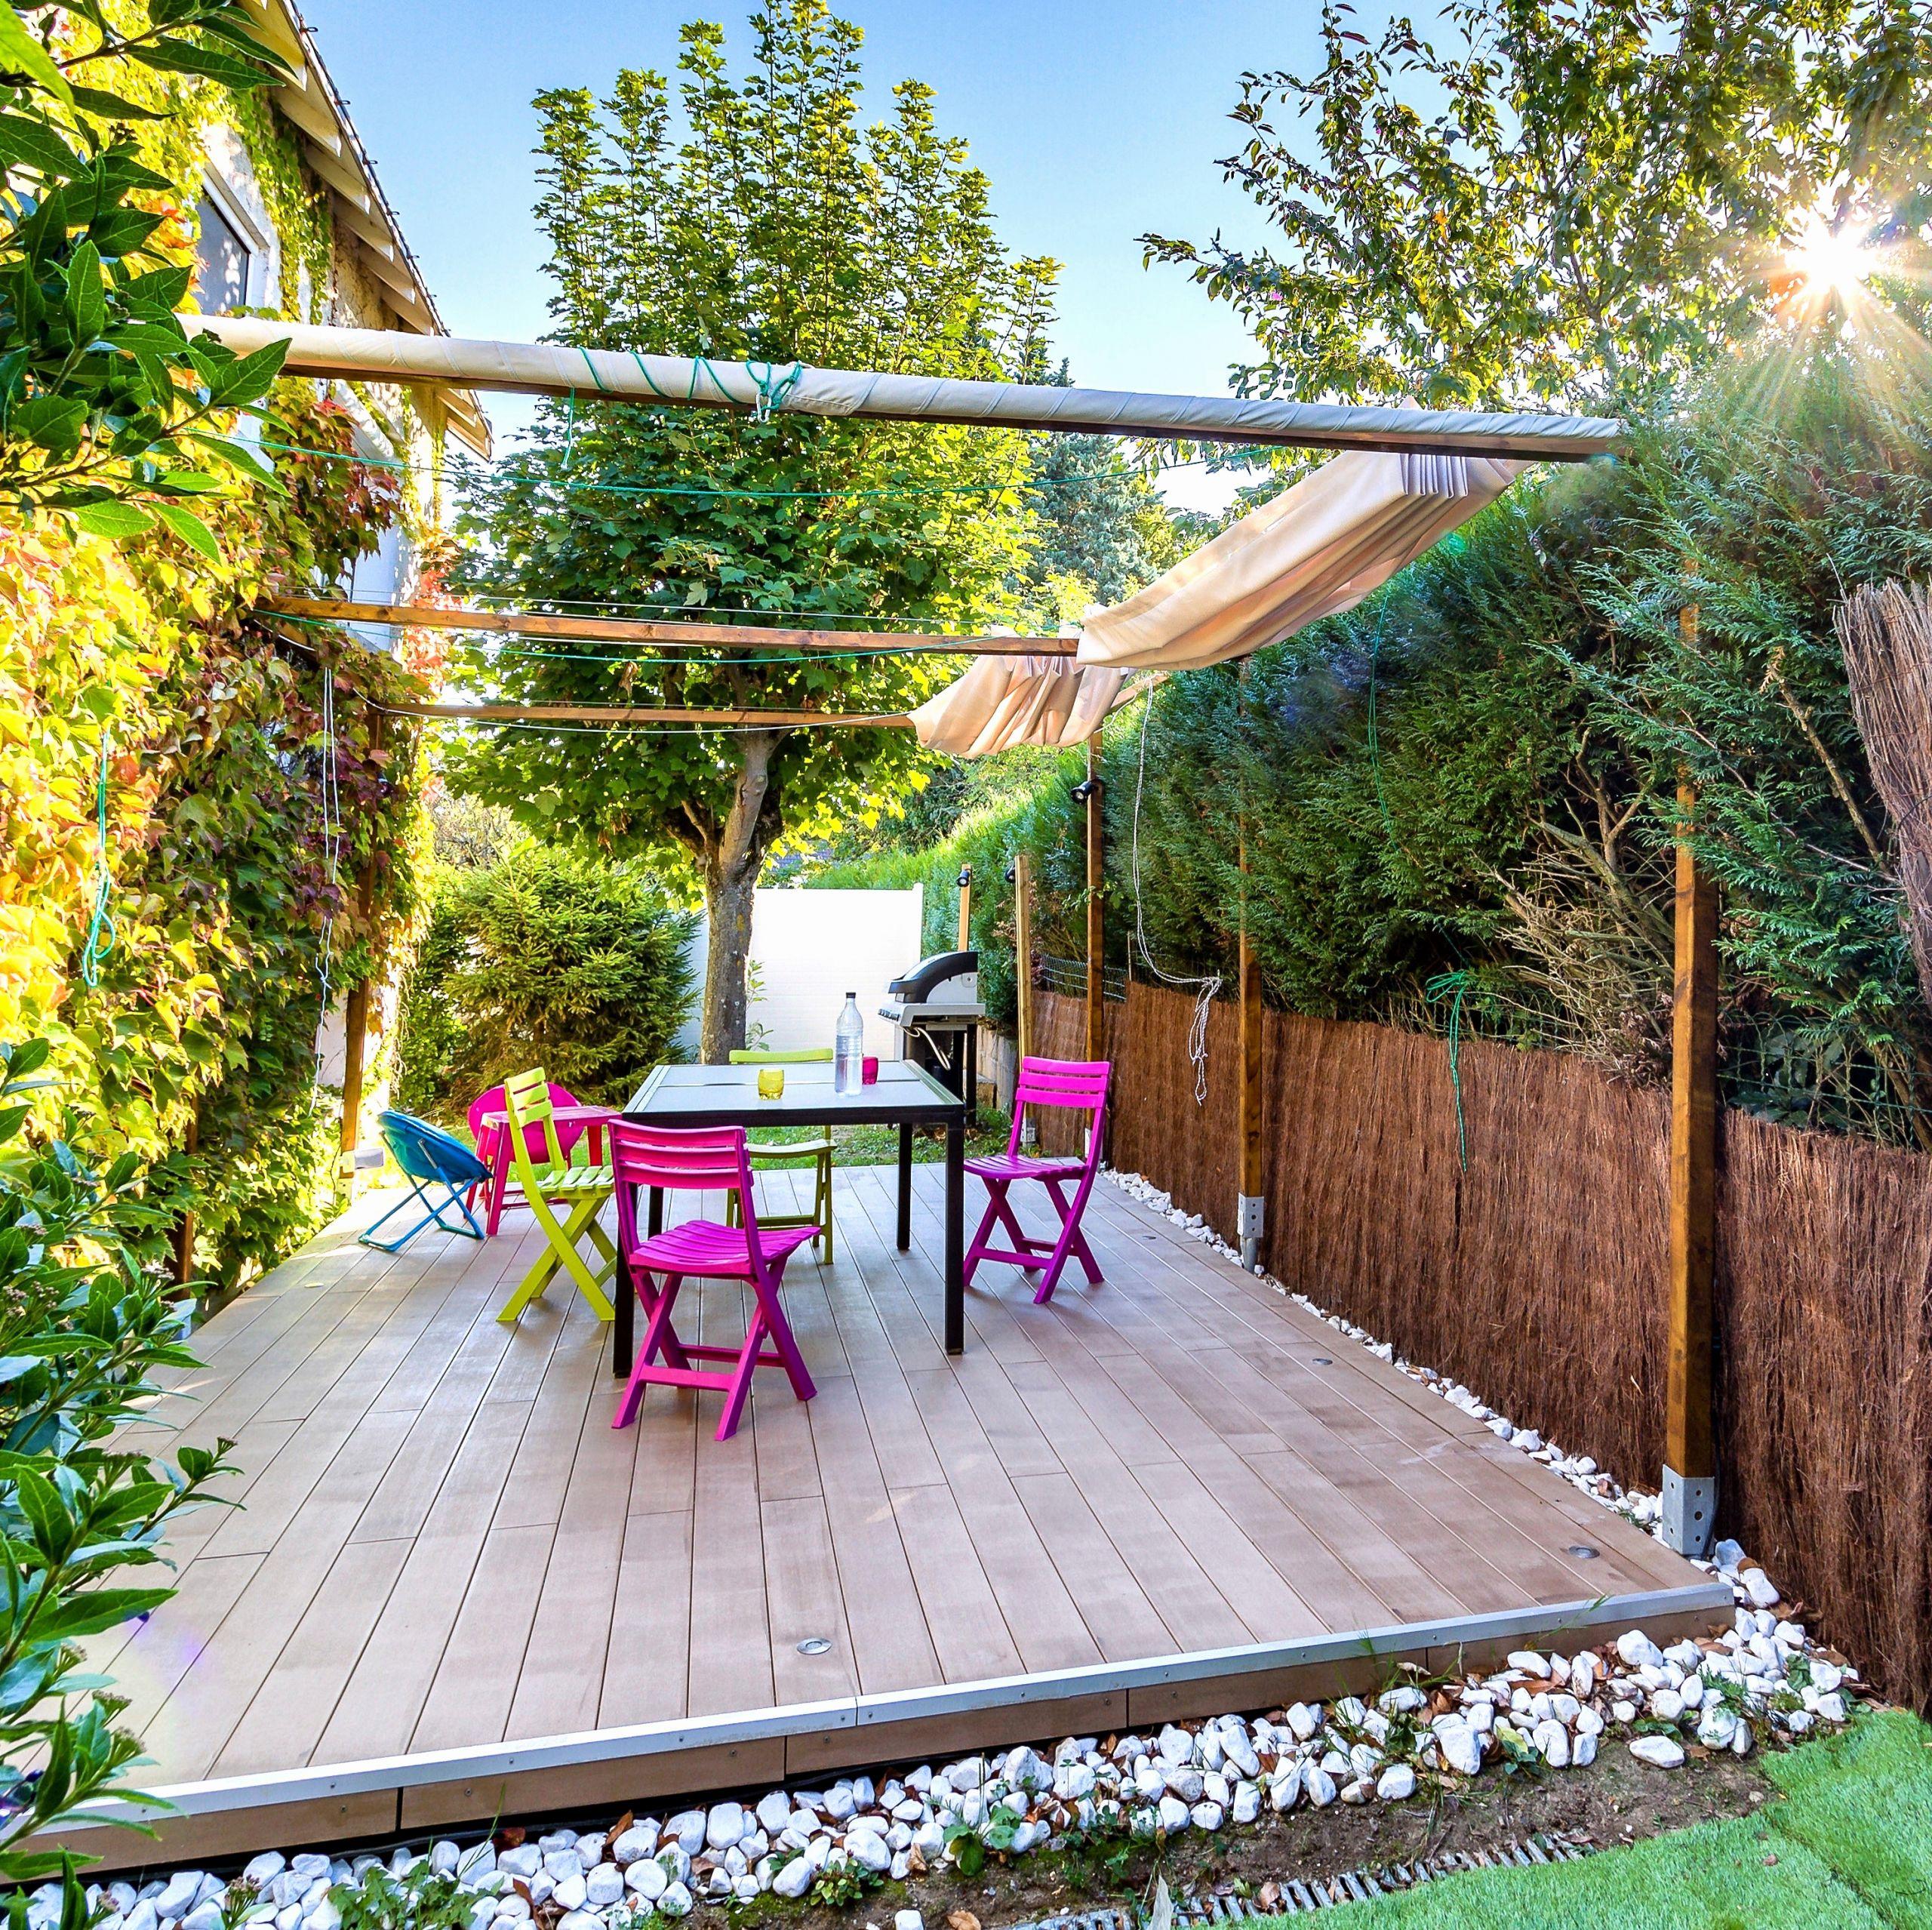 deco terrasse pas cher beau 39 beau stock de decoration terrasse exterieur of deco terrasse pas cher